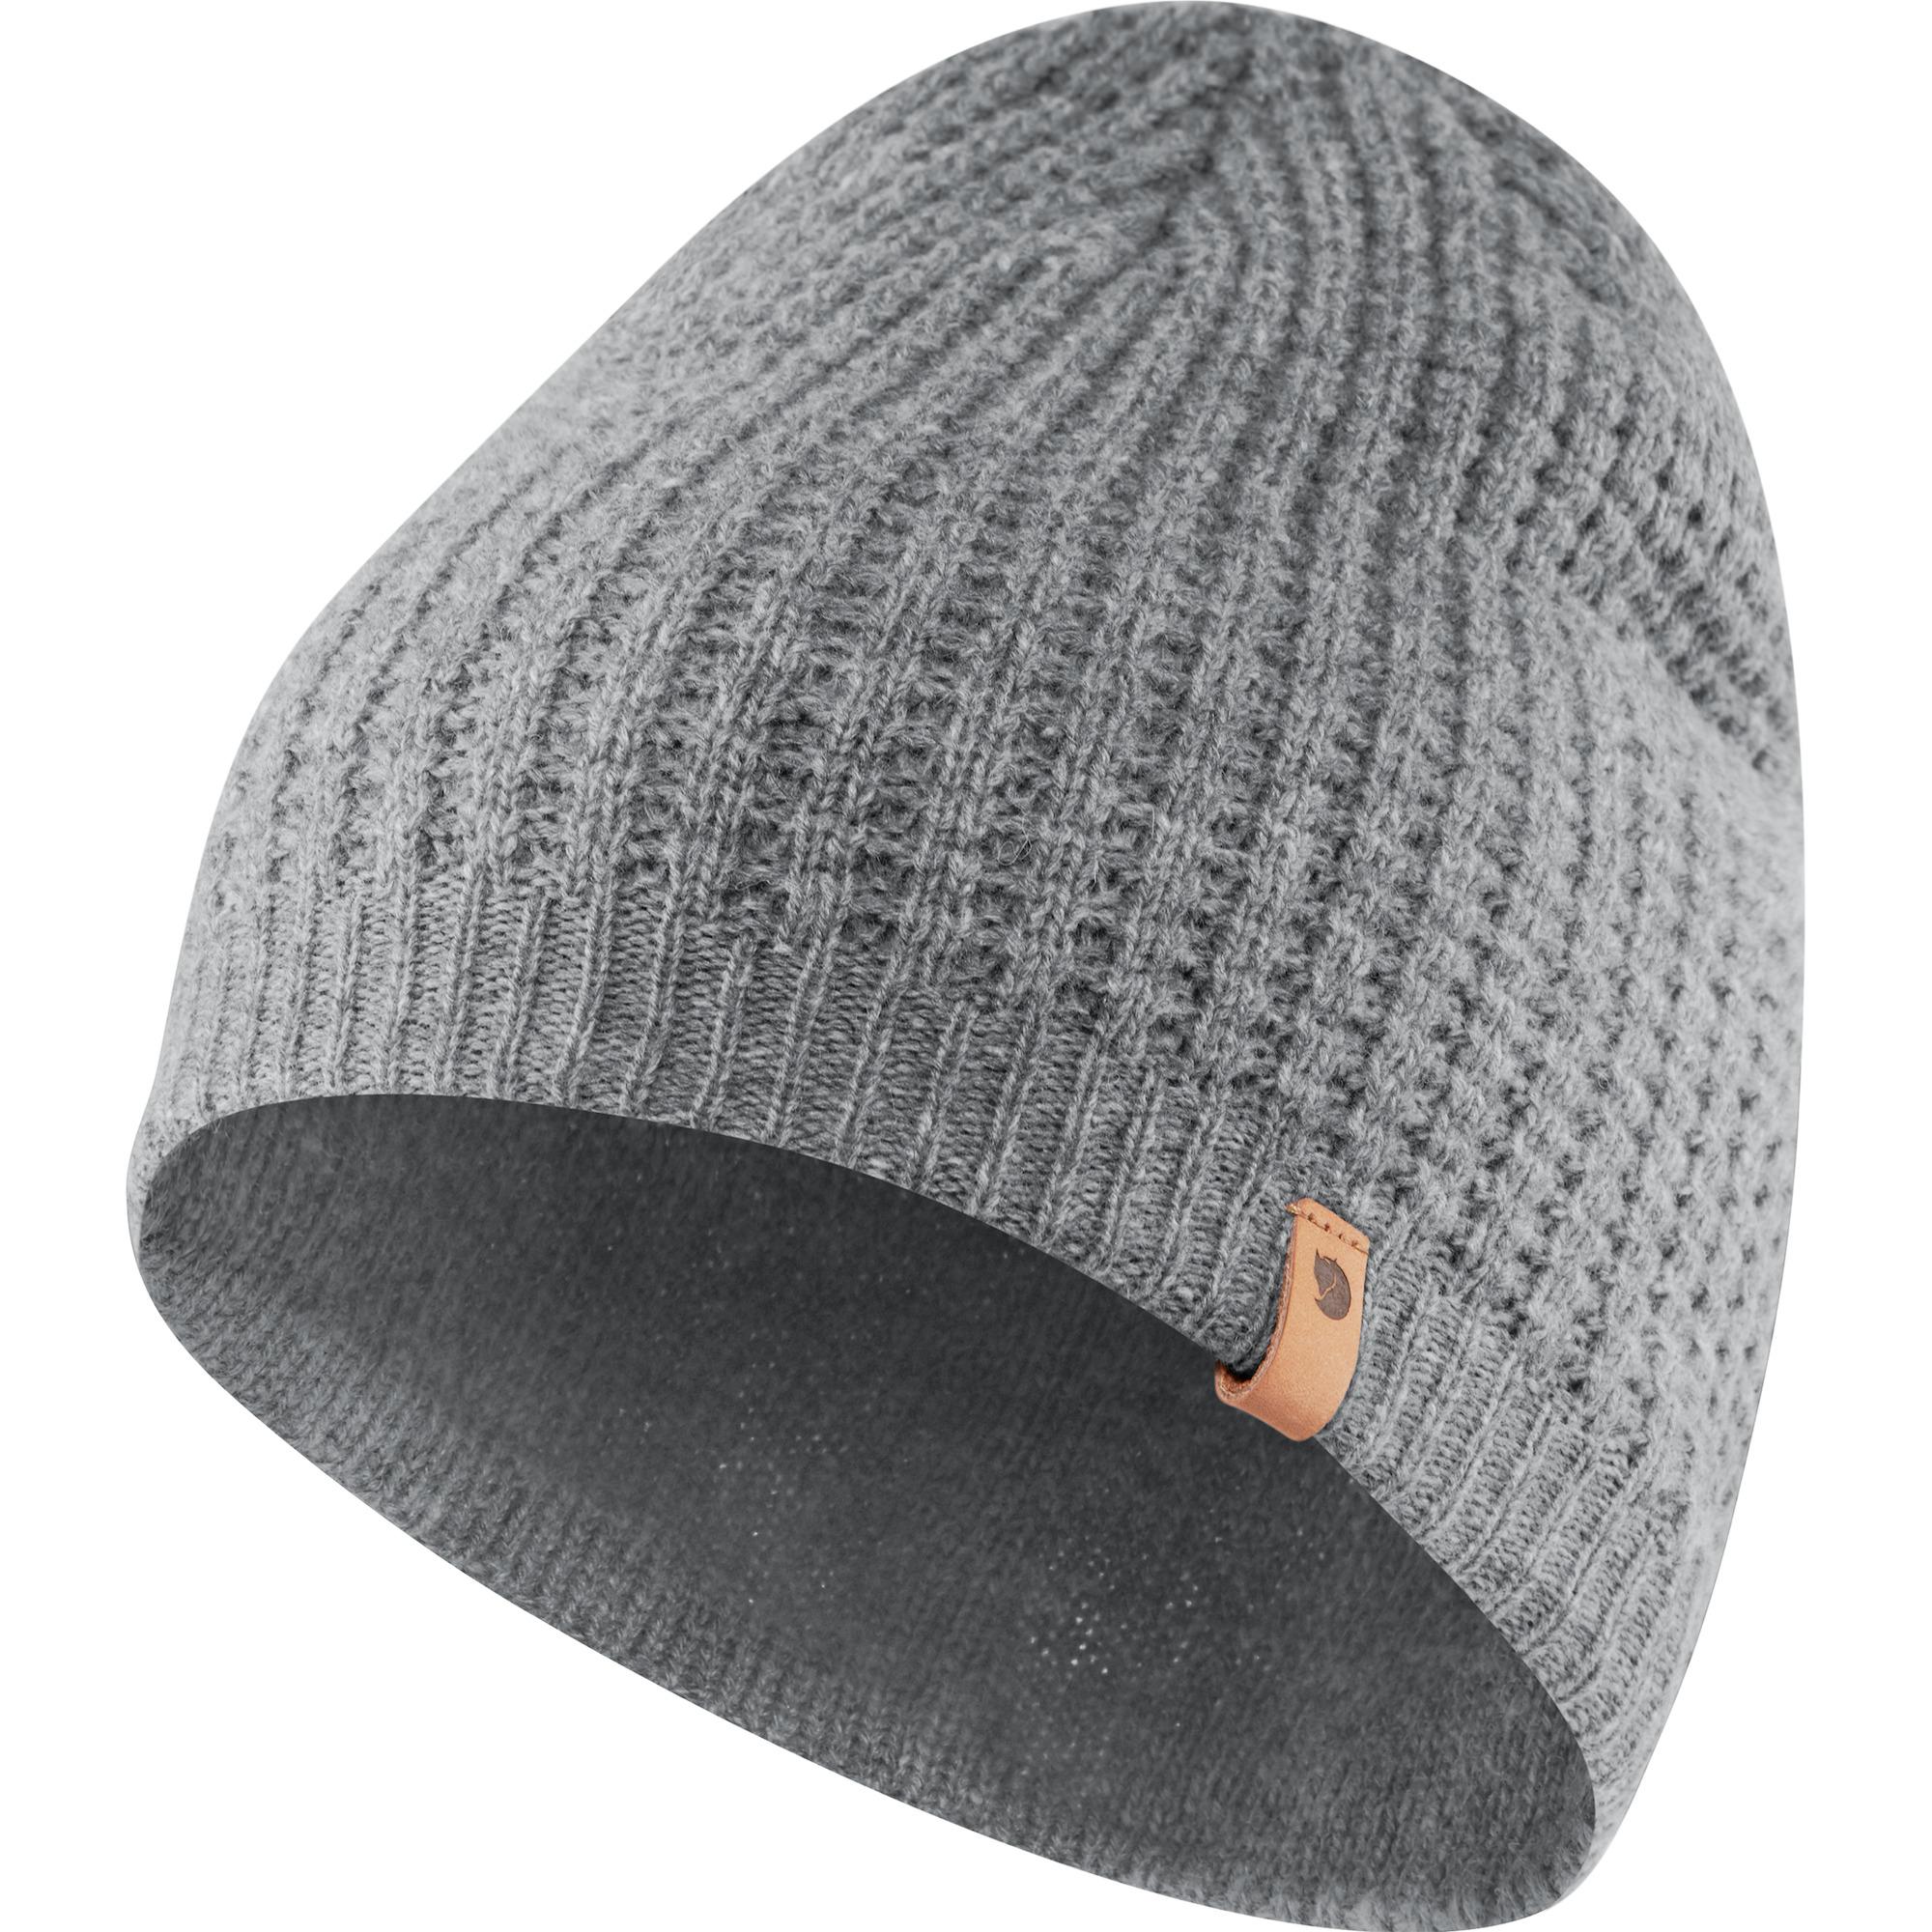 Bonnet homme hiver Chapeau Hiver Beanie Hat voyage bonnet noir Livraison rapide